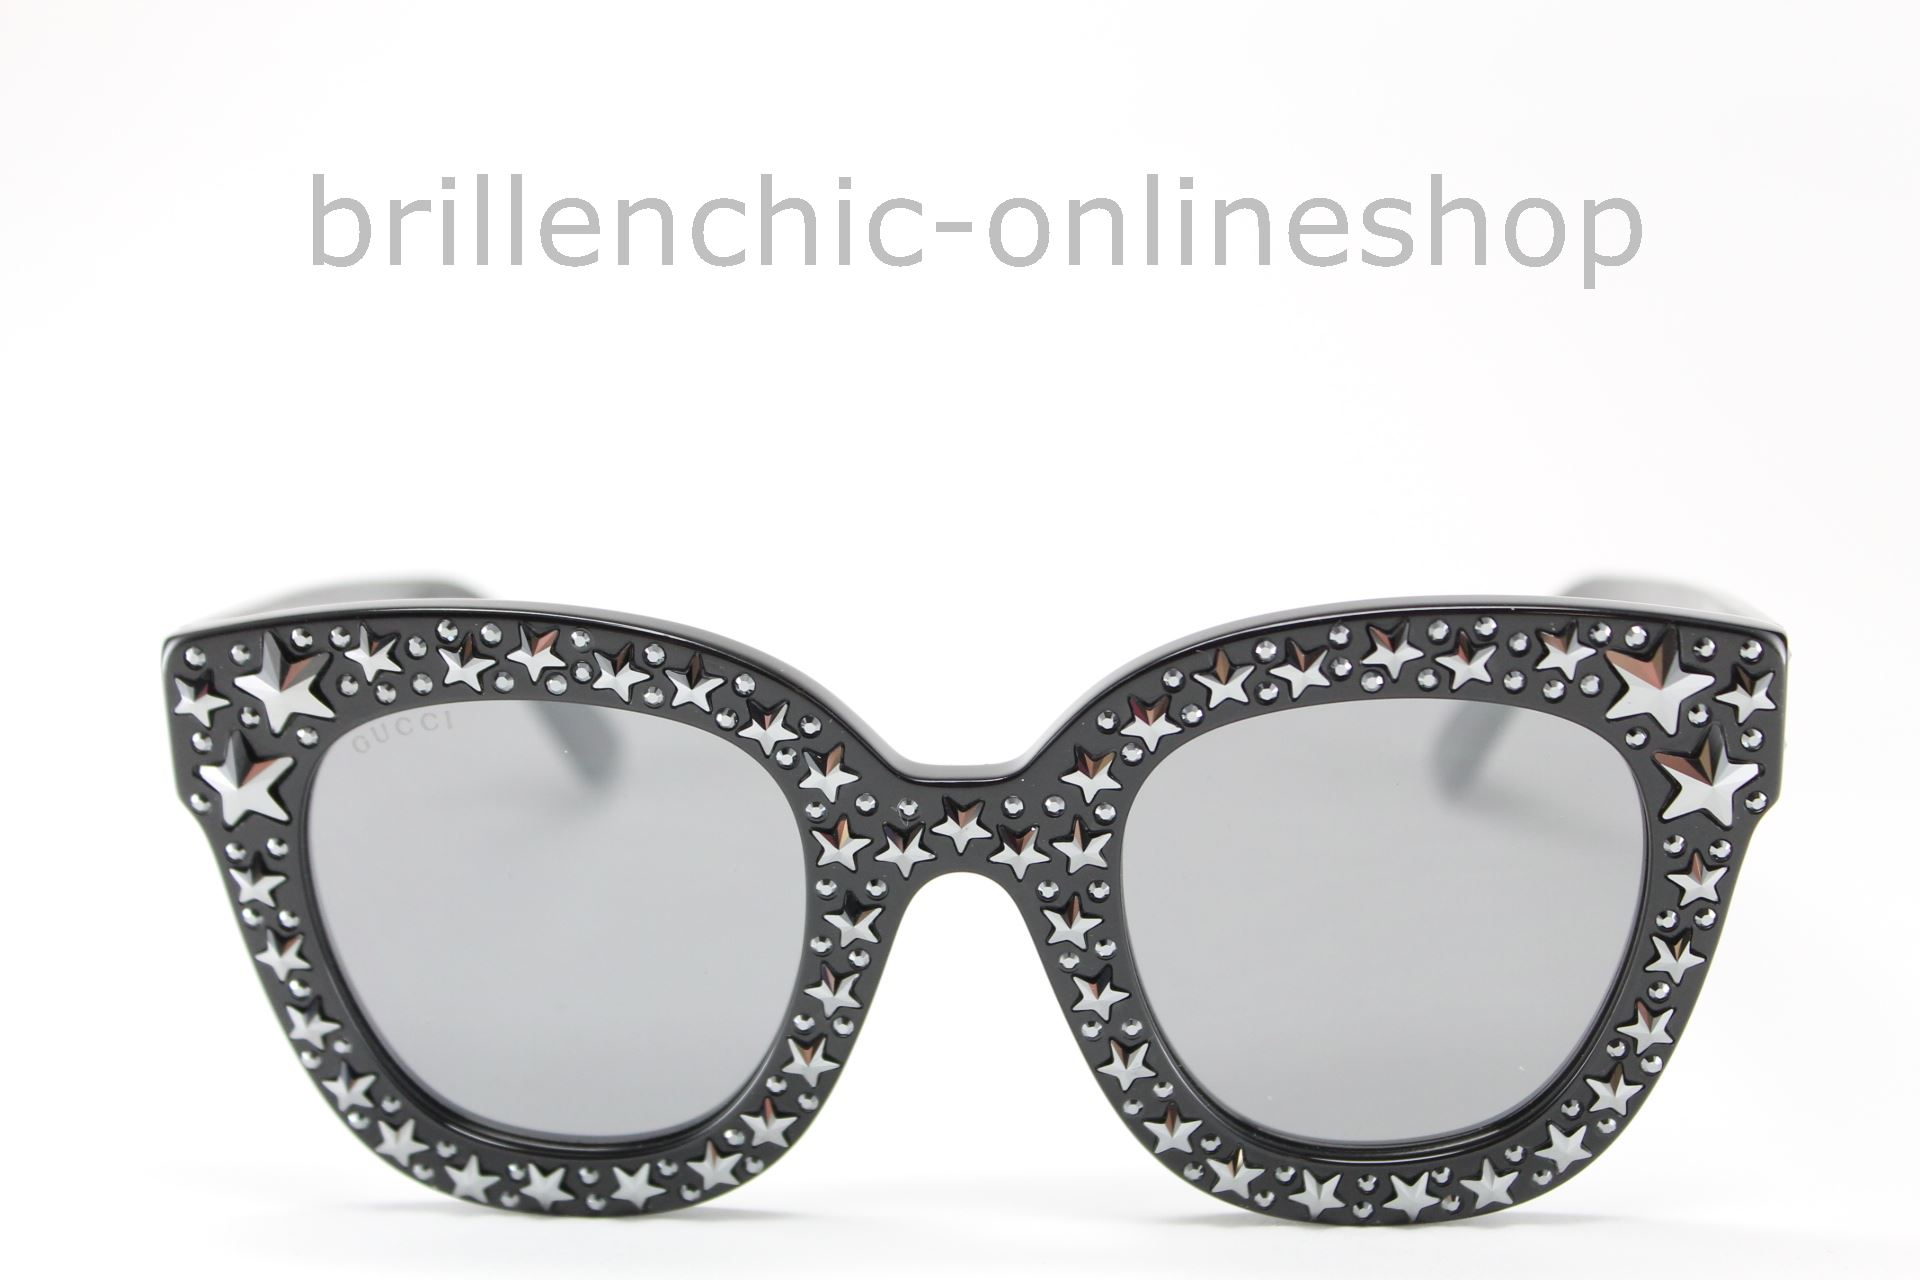 Brillenchic - onlineshop Berlin Ihr starker Partner für exklusive ...